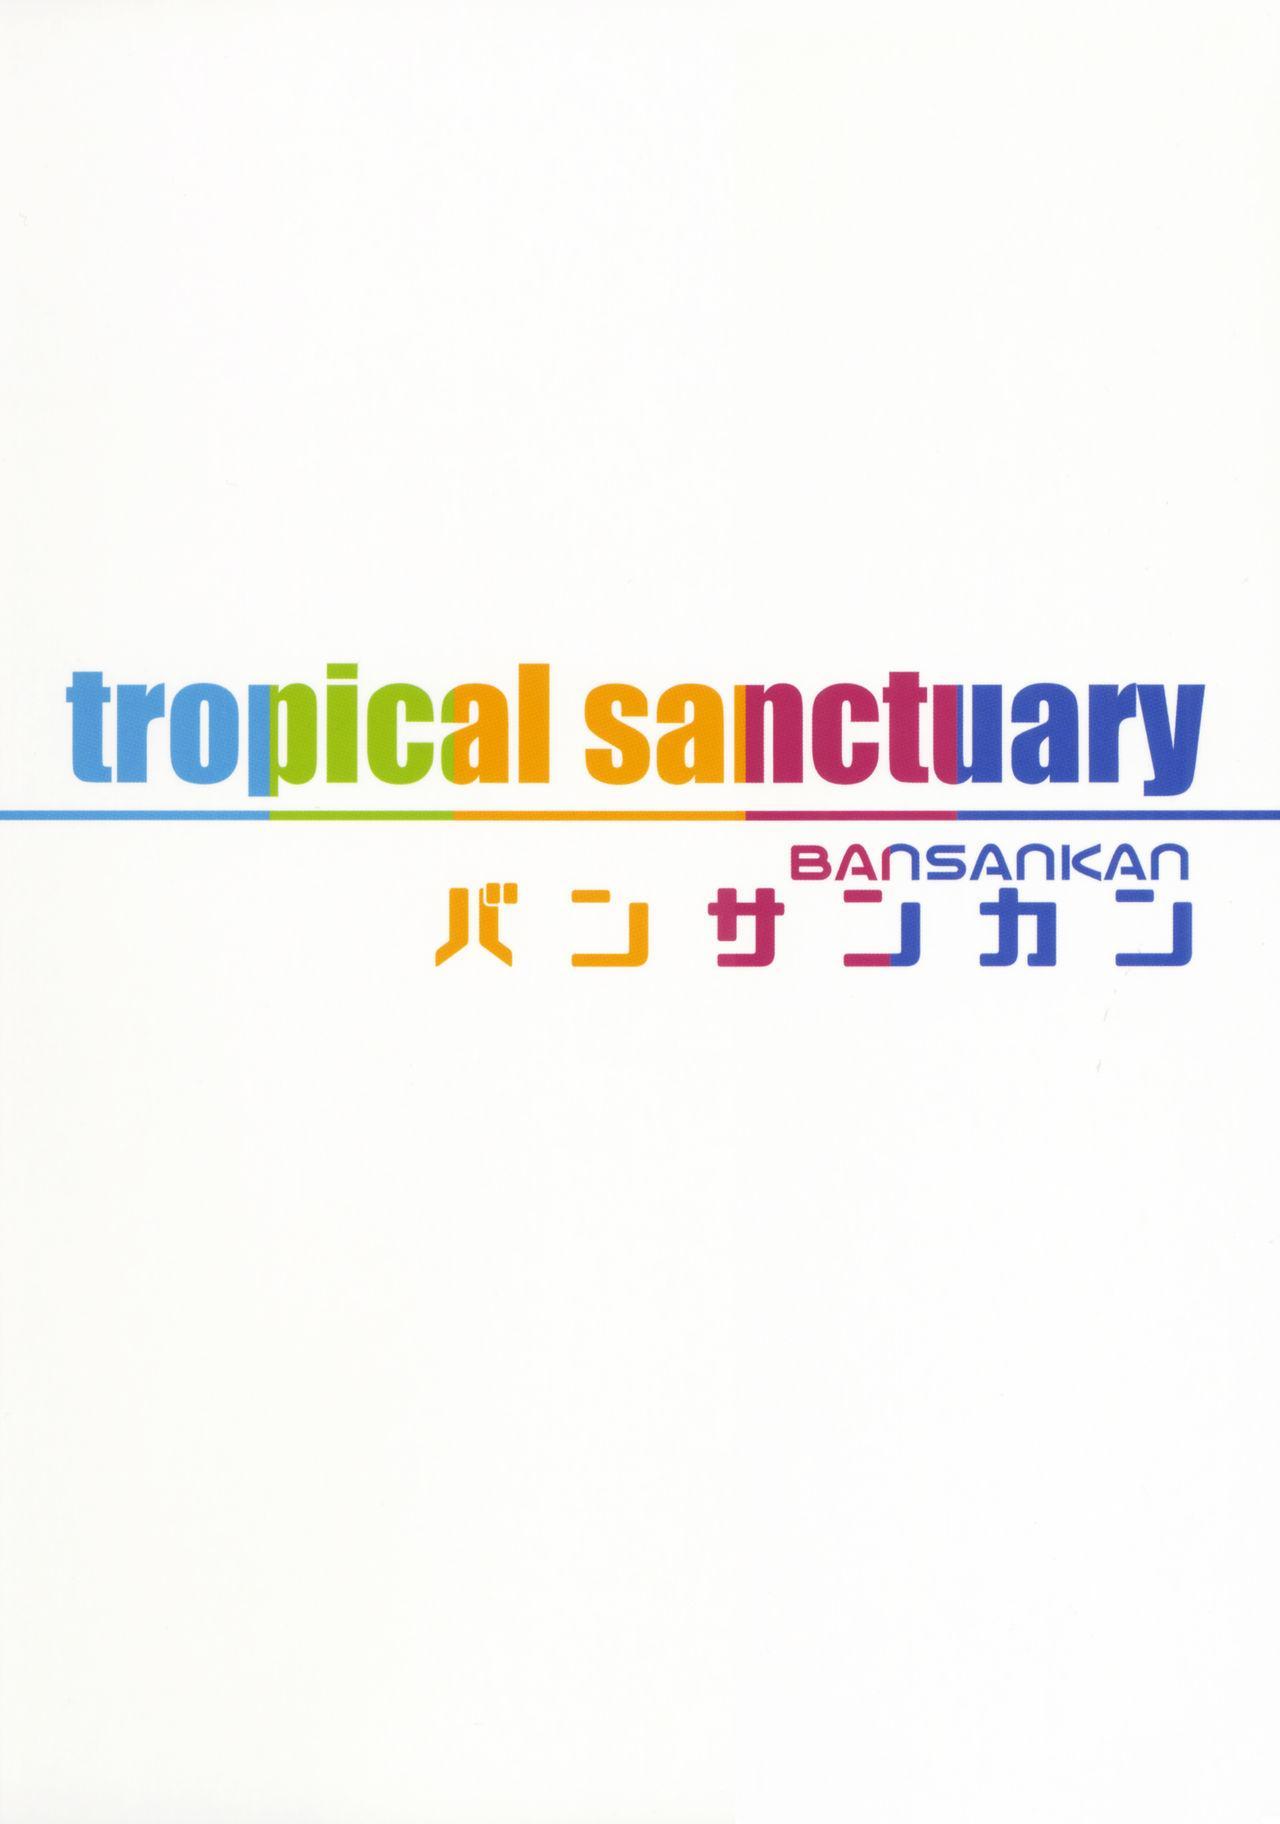 tropical sanctuary 22